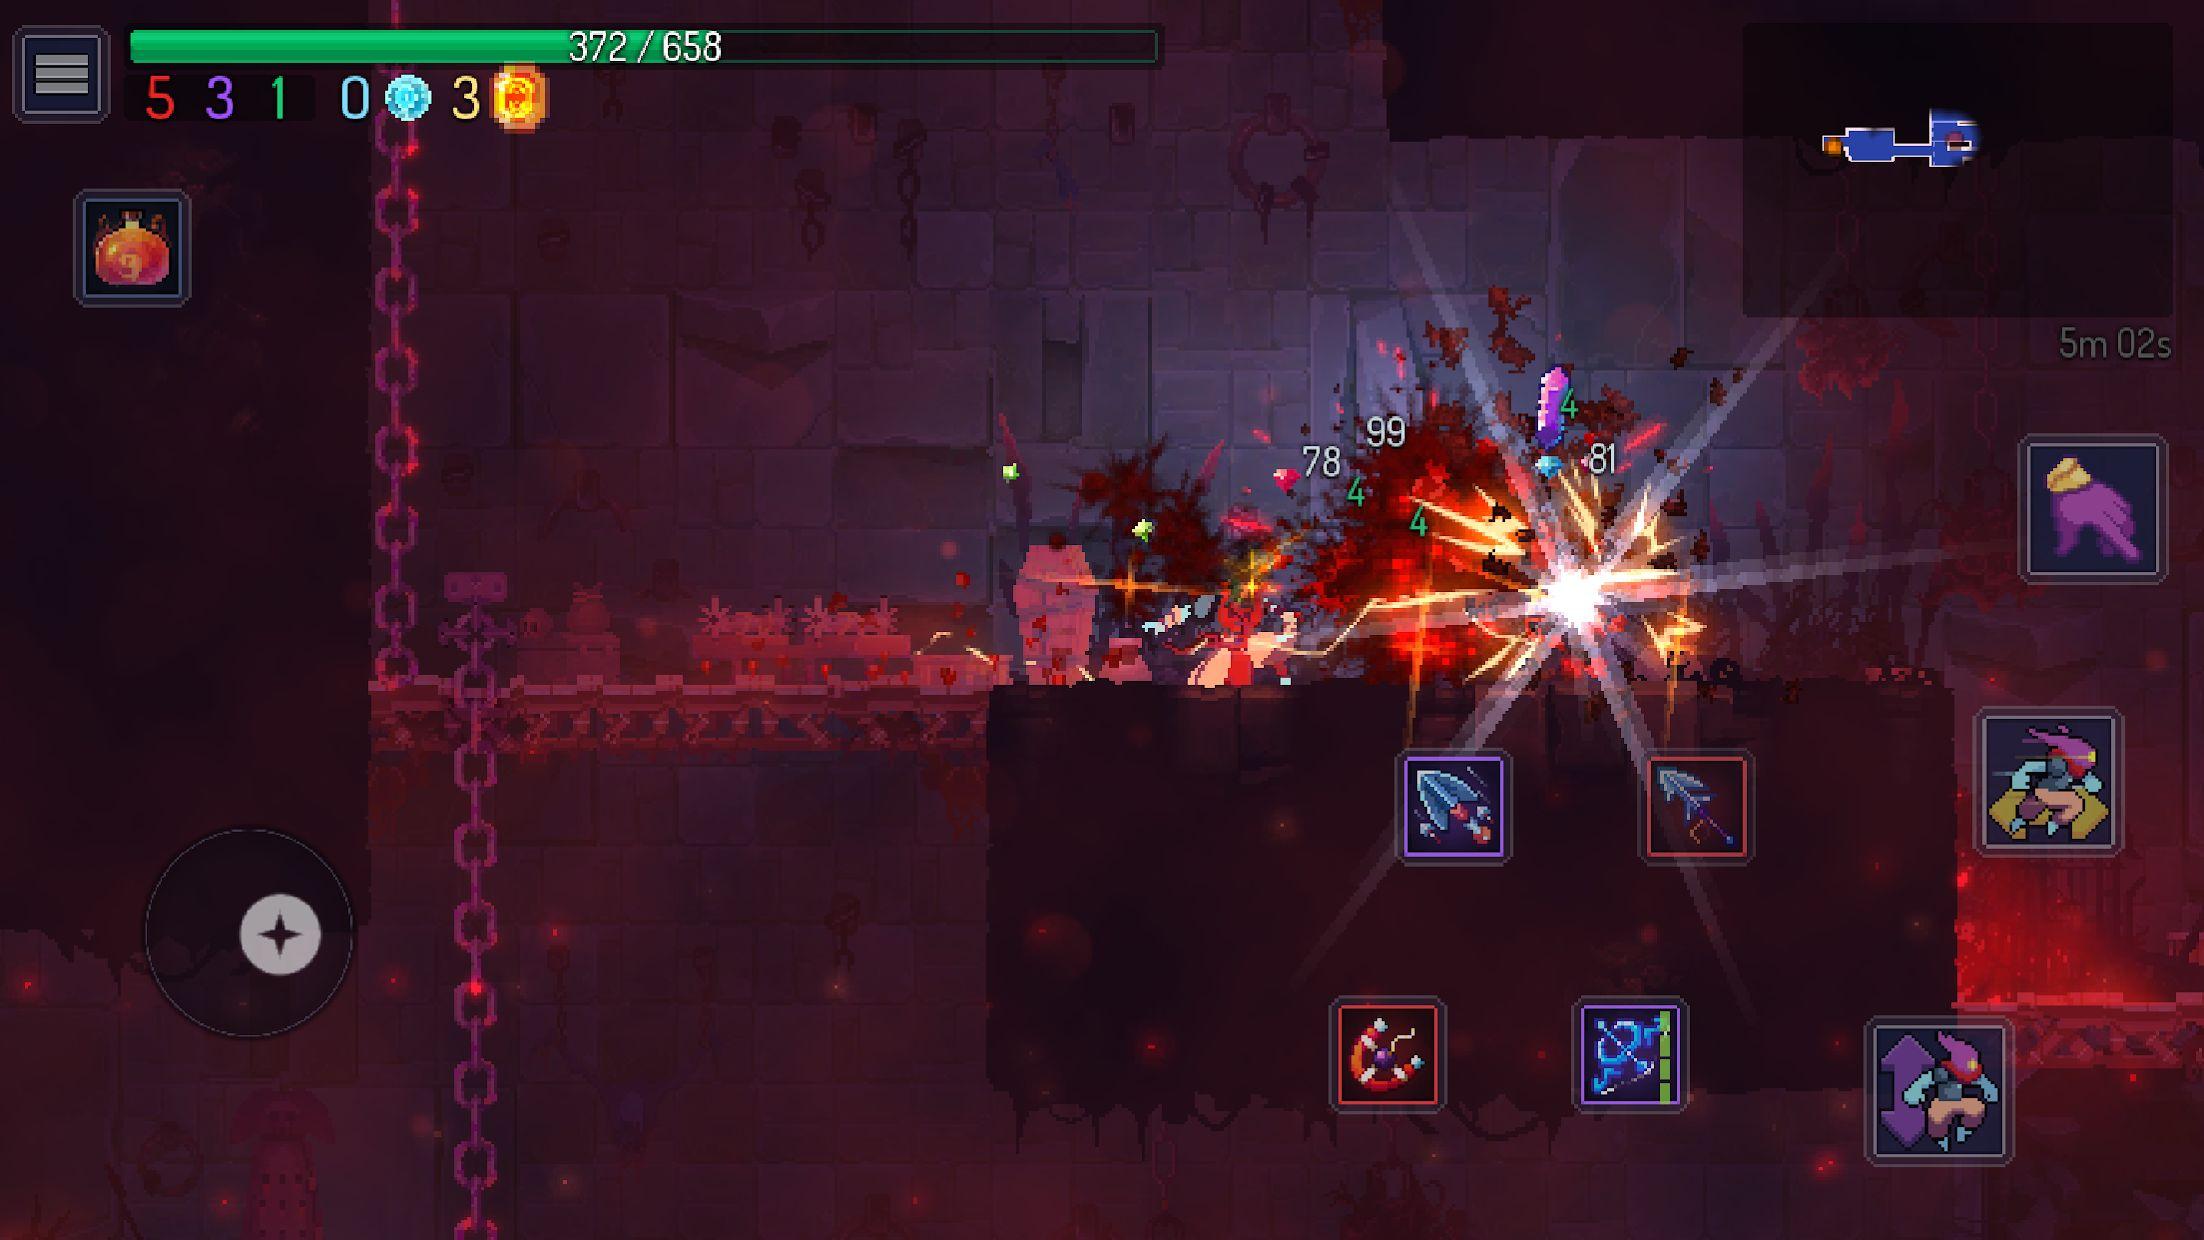 死亡细胞(国际版) 游戏截图4